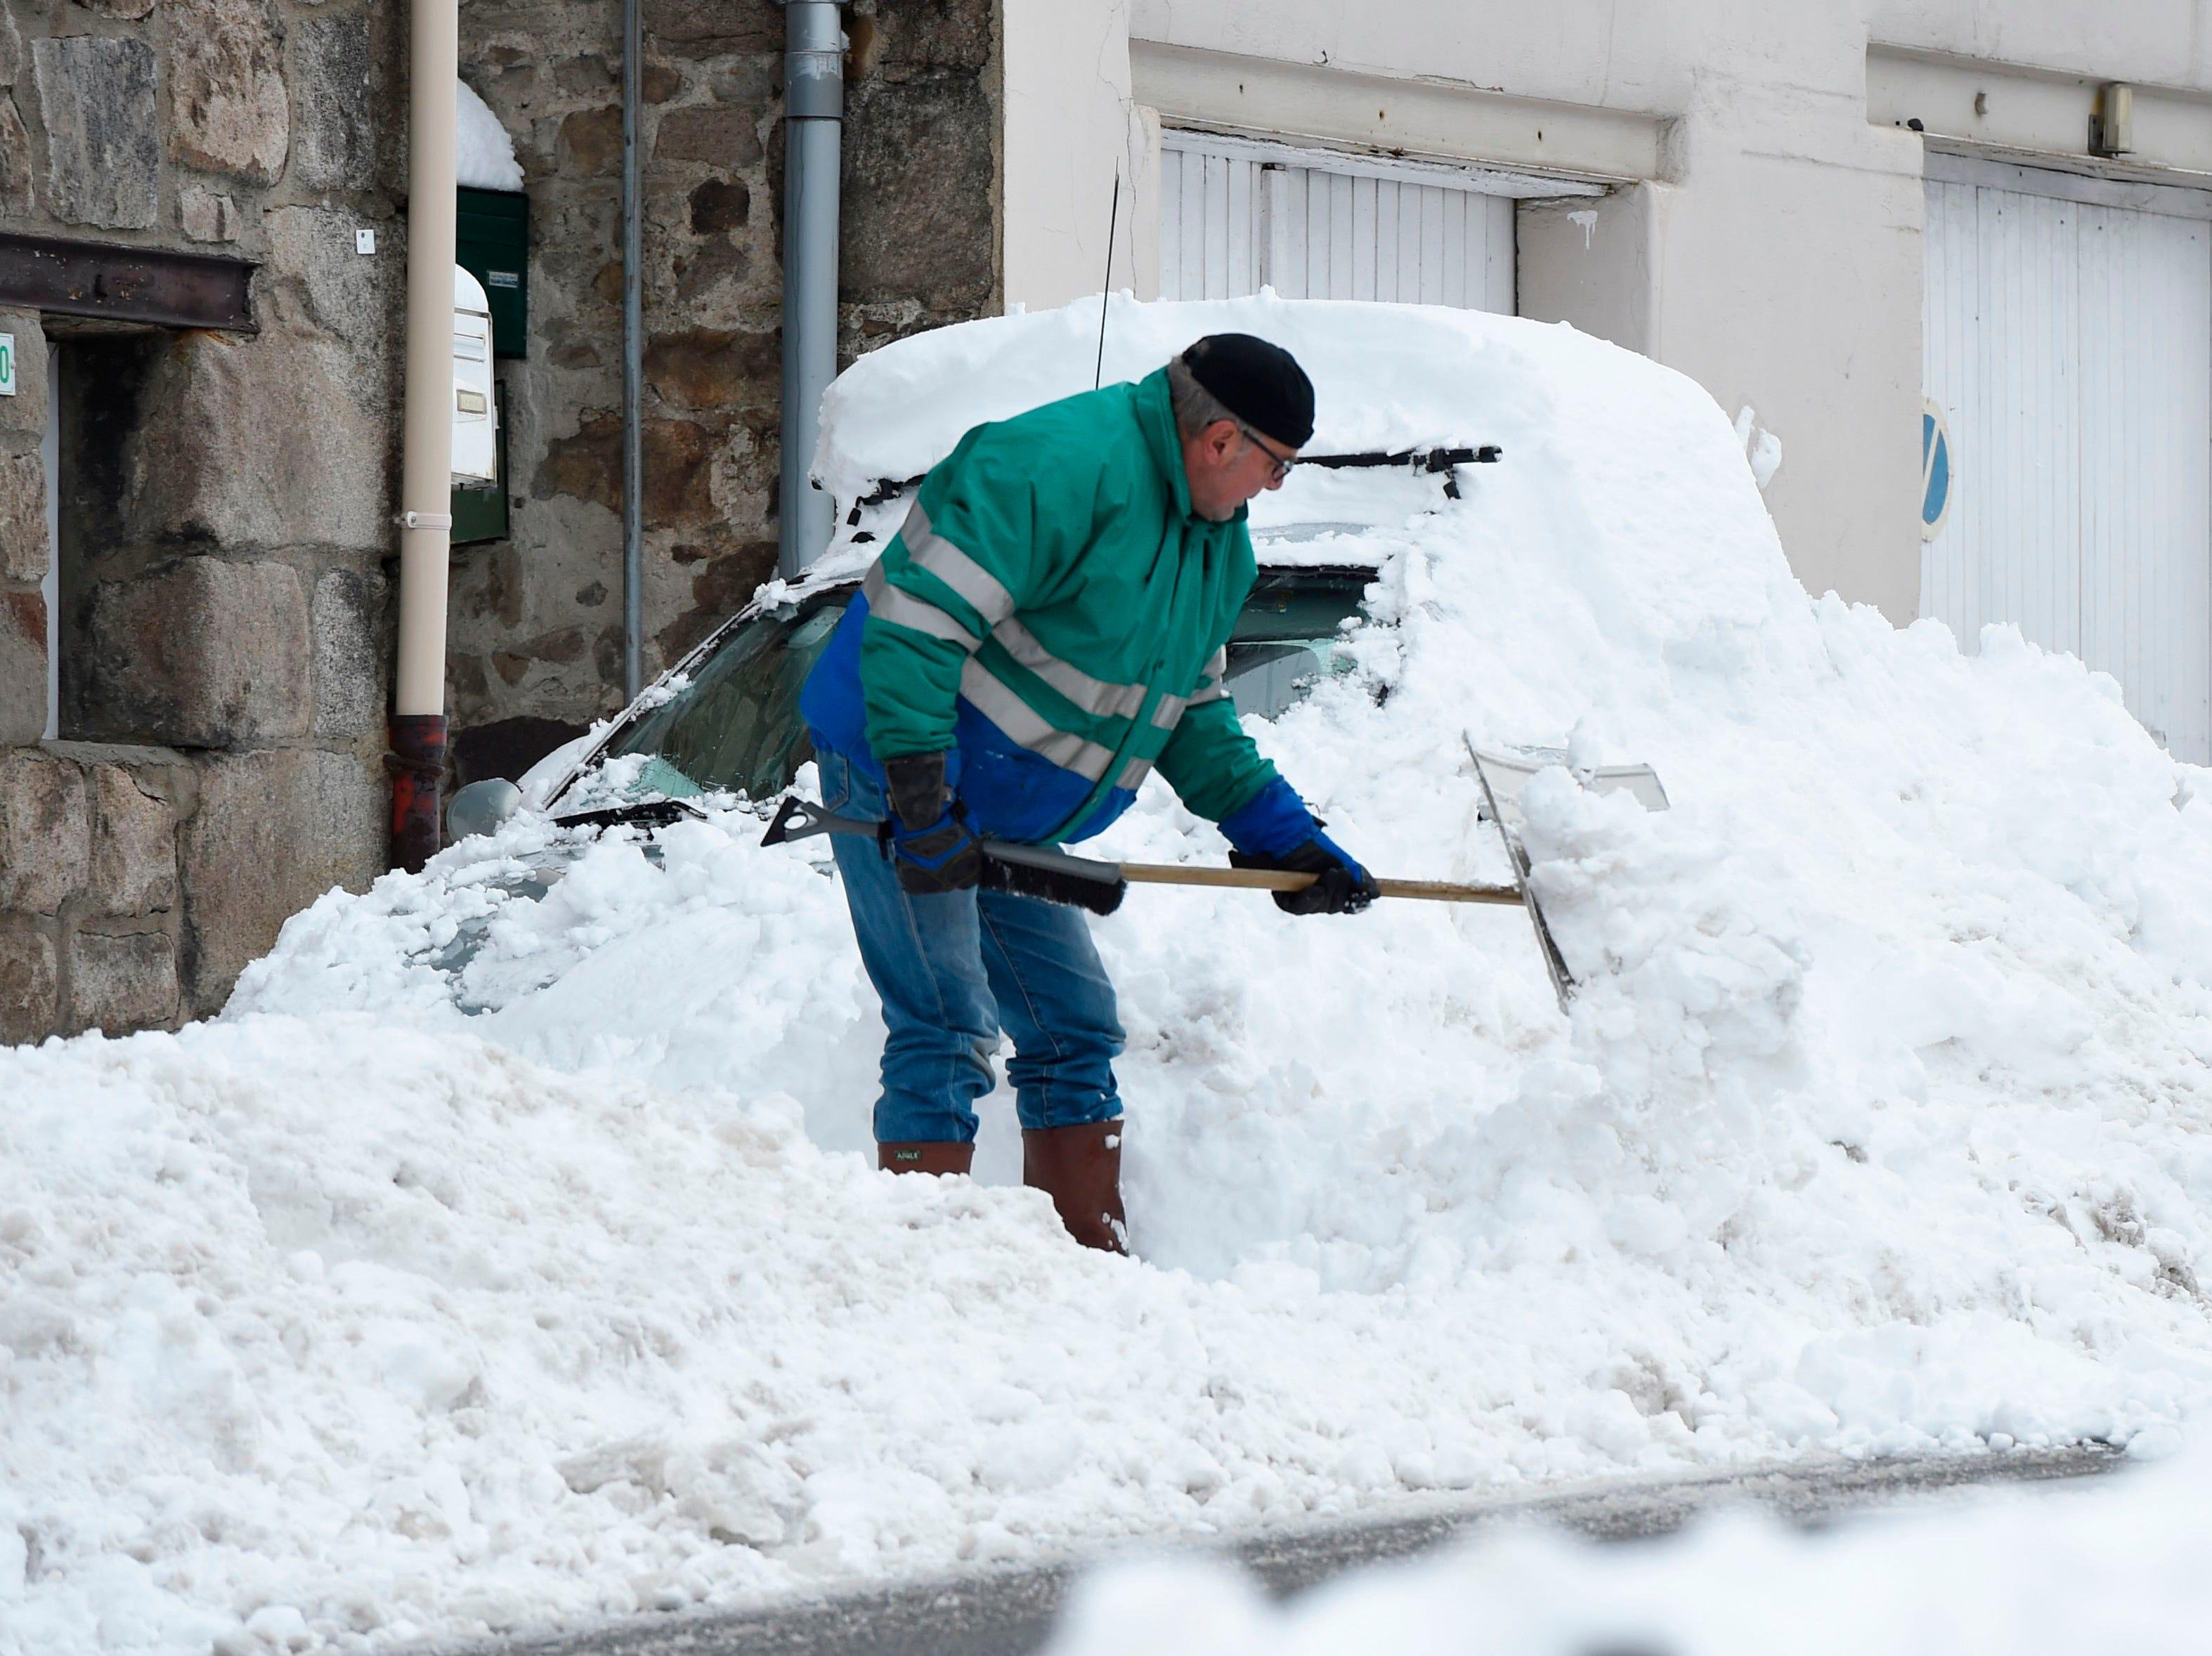 Nueva York se pintó de blanco el 15 de noviembre de 2018 con la primera nevada de la temporada 2018. El Capitolio de EEUU y muchas partes de la ciudad recibieron hasta dos pulgadas de nieve.